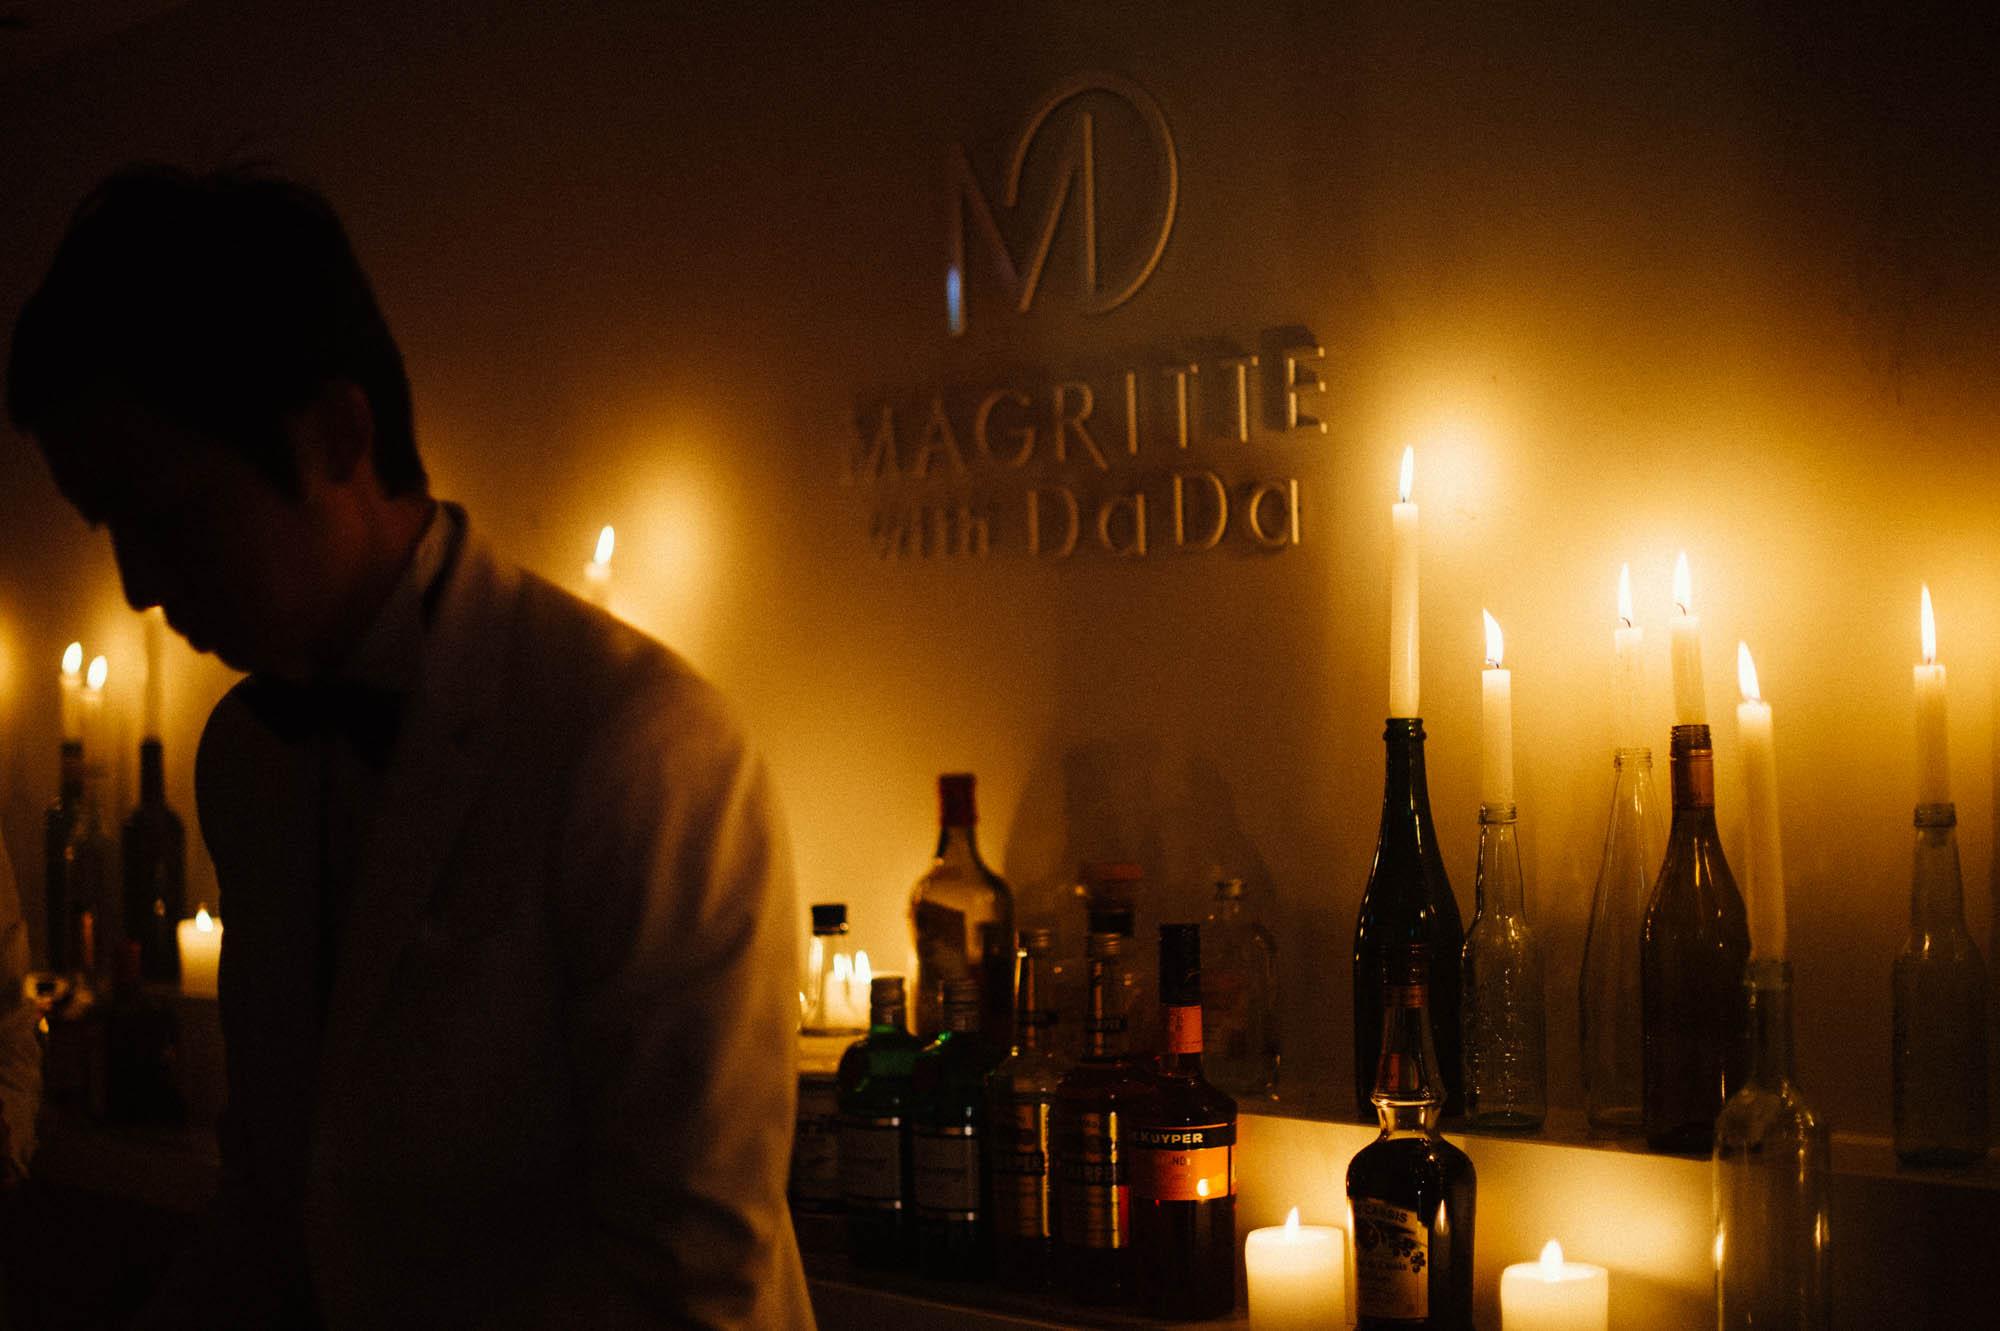 magritte-tokyo62